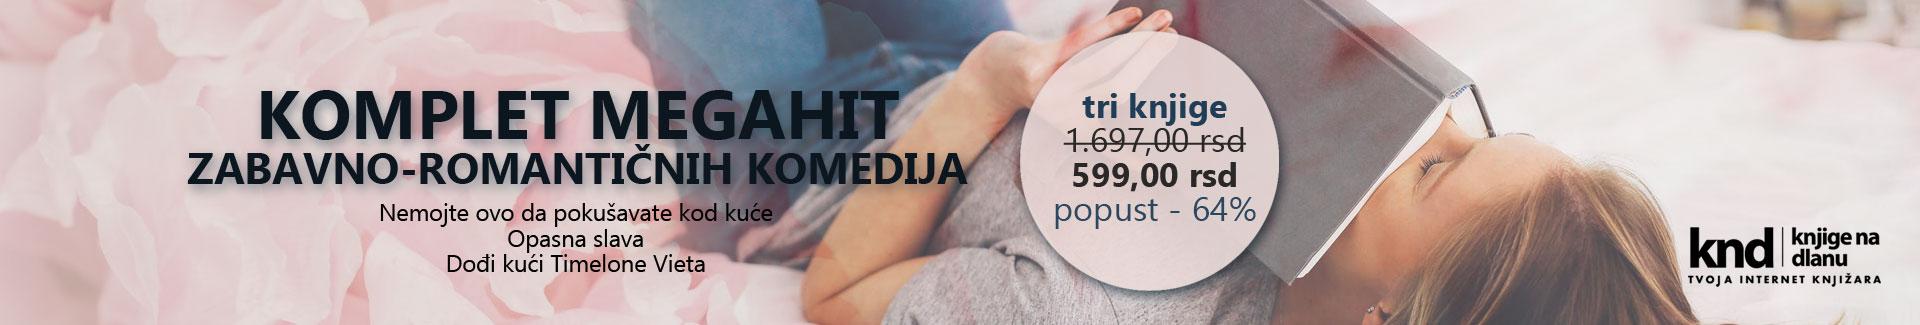 KOMPLET MEGAHIT ZABAVNO-ROMANTIČNIH KOMEDIJA! – 3 KNJIGE ZA 599 DIN